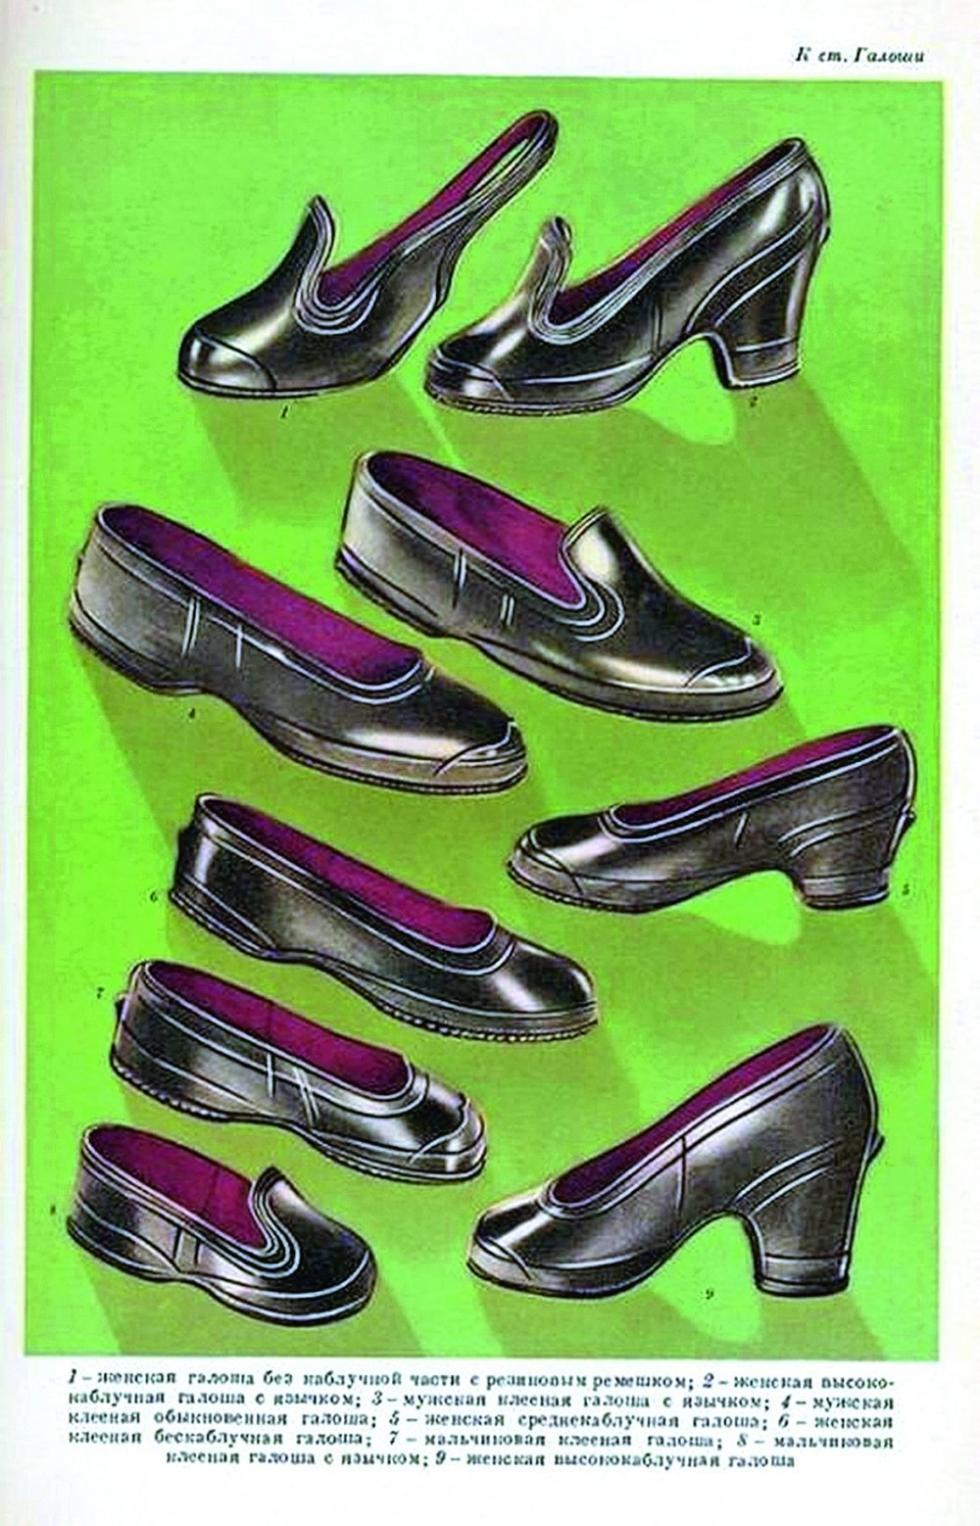 各种花色品种的套鞋。1956-1961年 / 俄罗斯报社